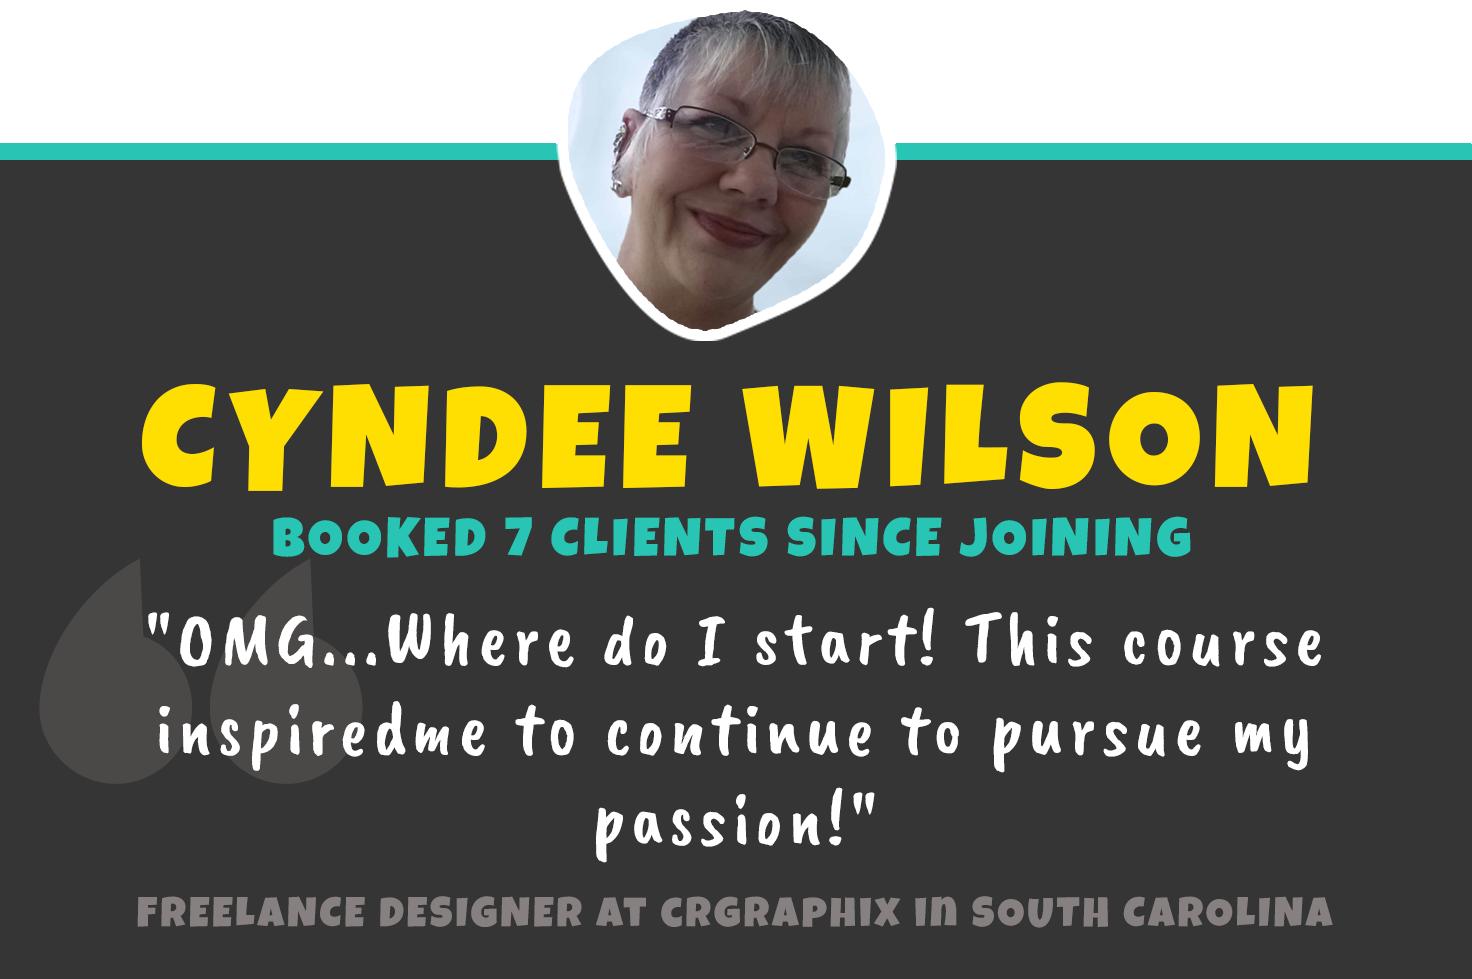 Cyndee